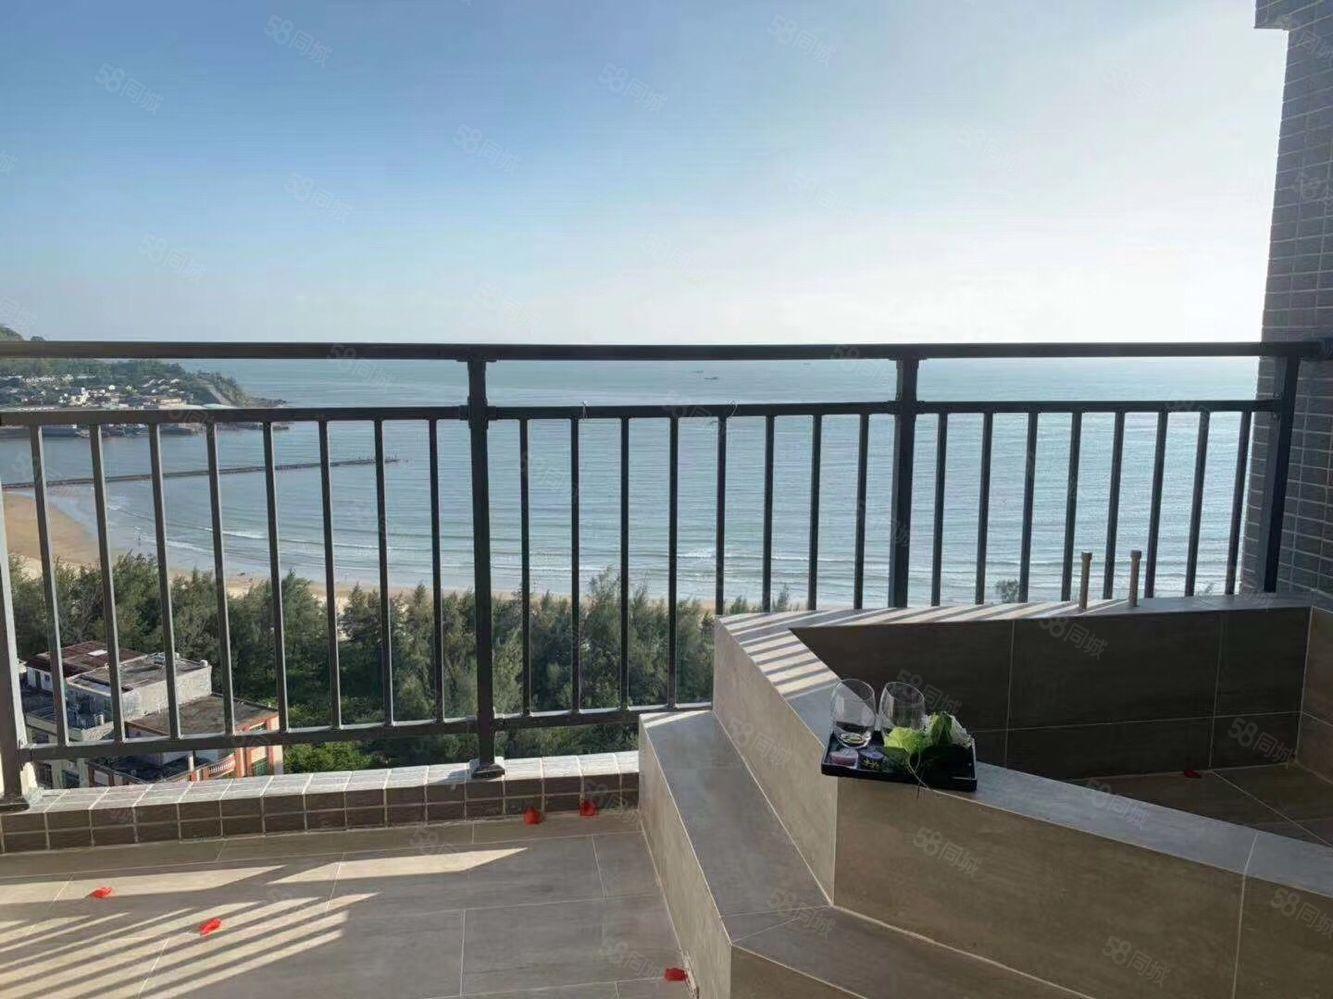 新盘售楼直售一线海景房首付10万,以租养供专业酒店托管